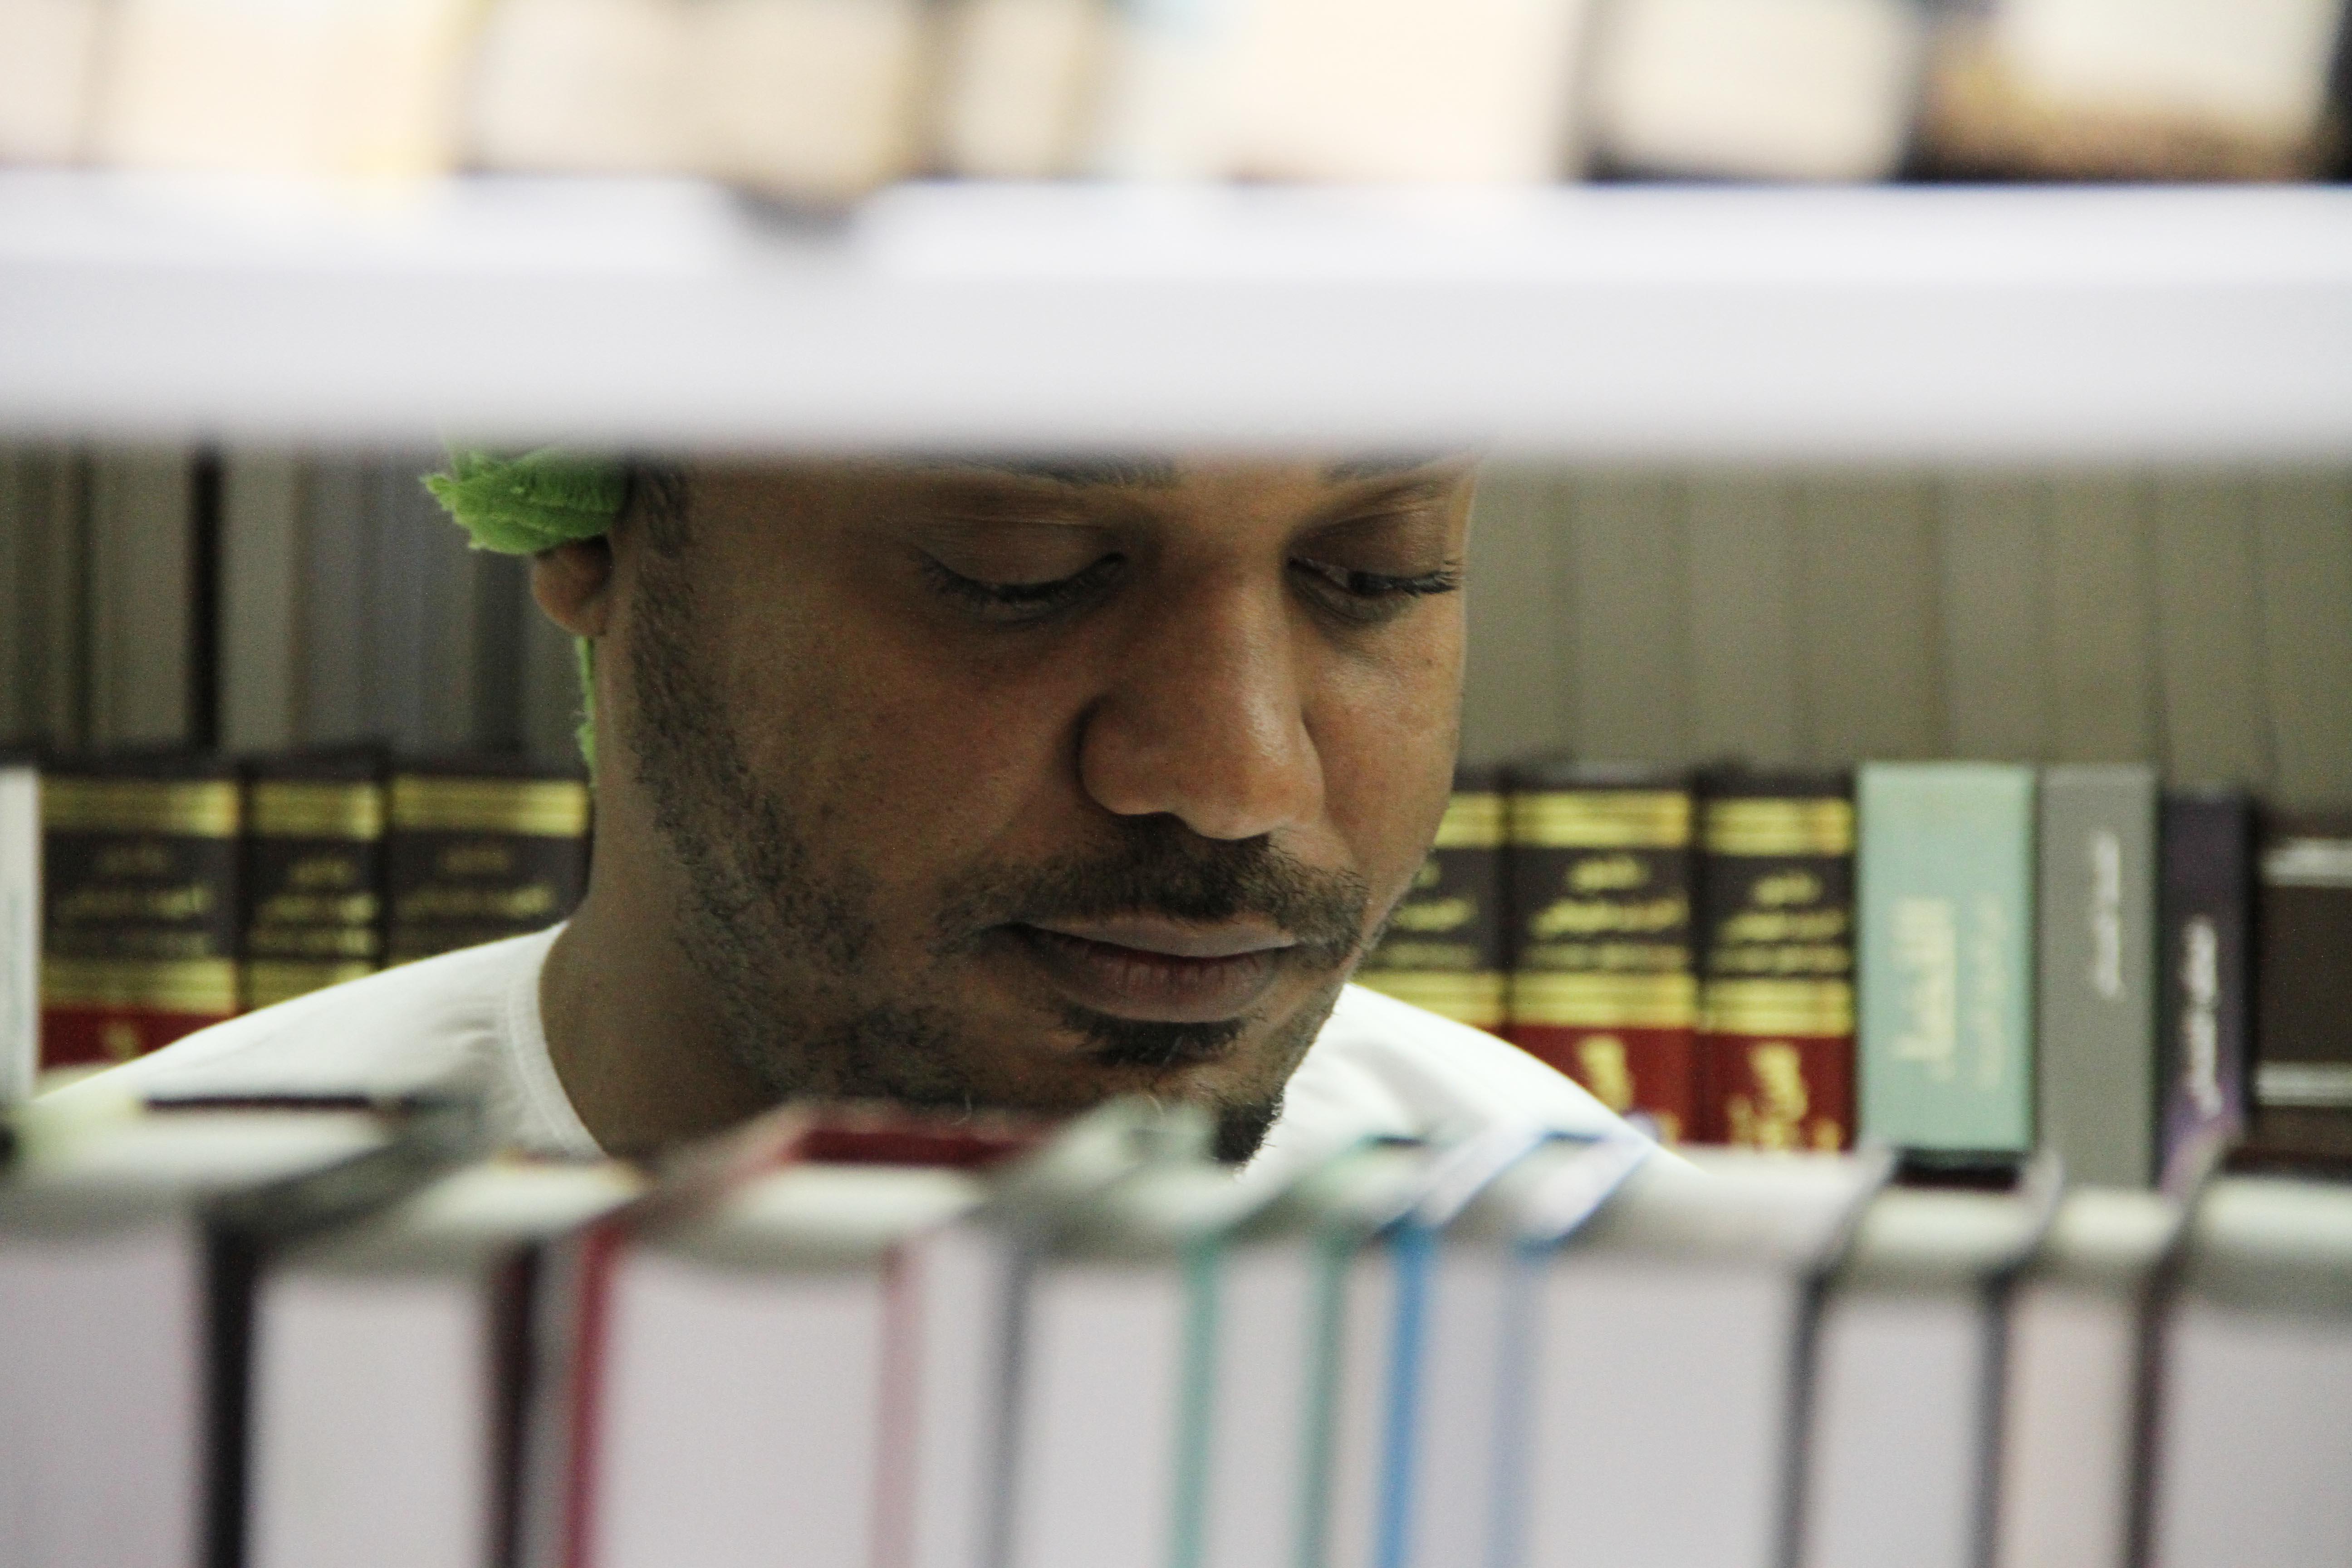 مرحبا بكم في مكتبة وزارة الشؤون القانونية